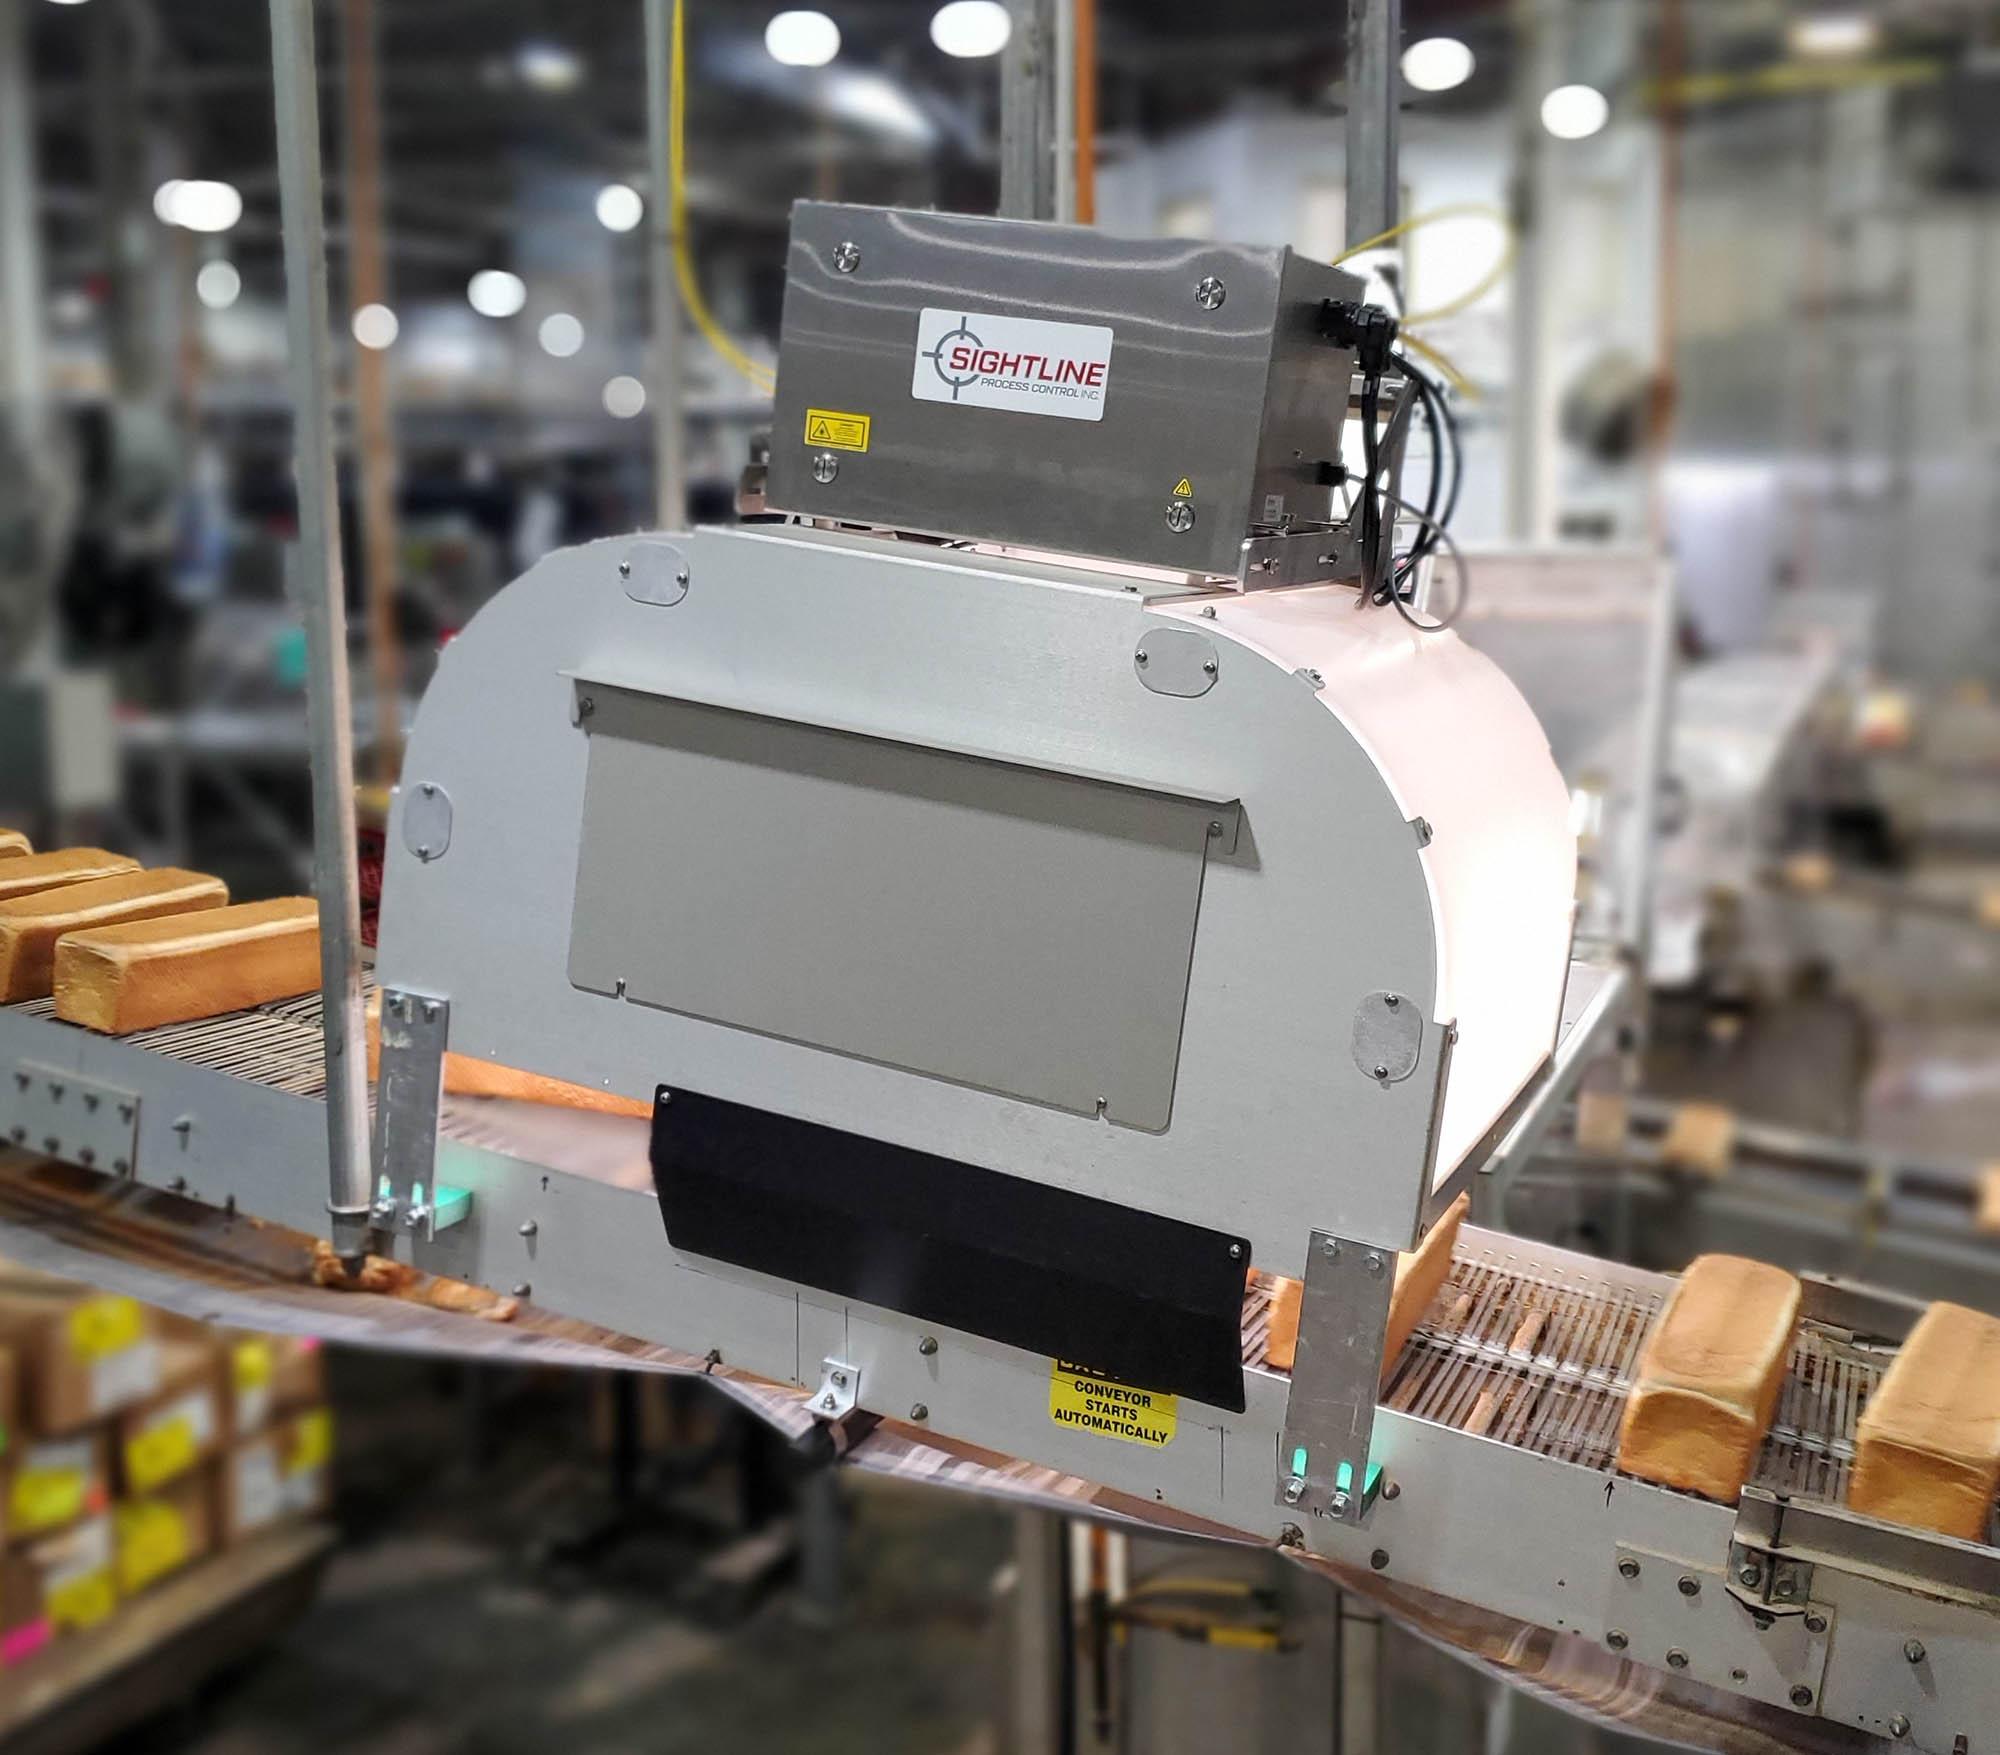 Sightline Over Line Vision Inspection System 01